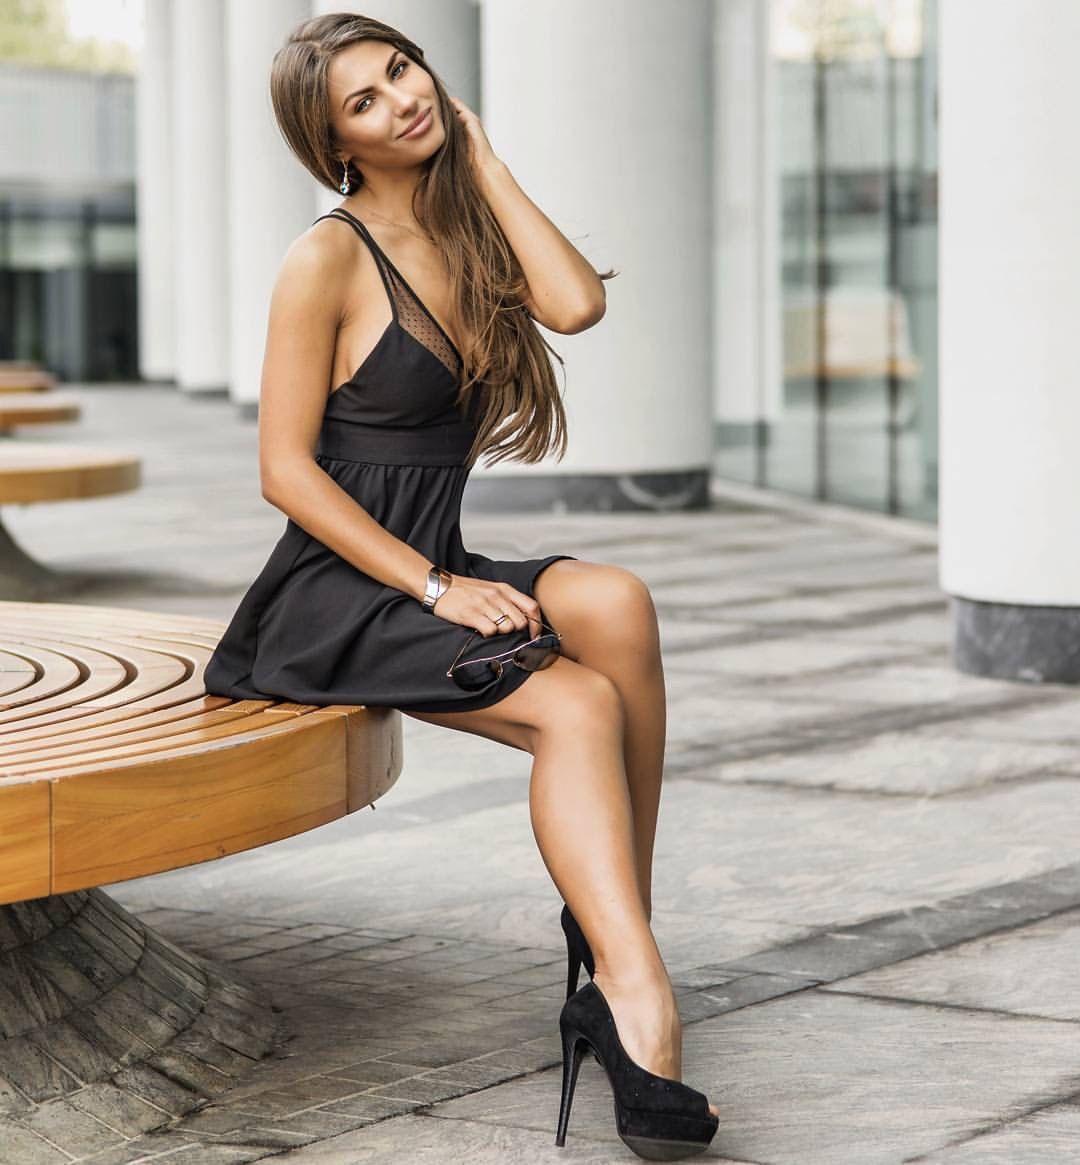 Дарья шейк (шейко) - биография, личная жизнь, фото